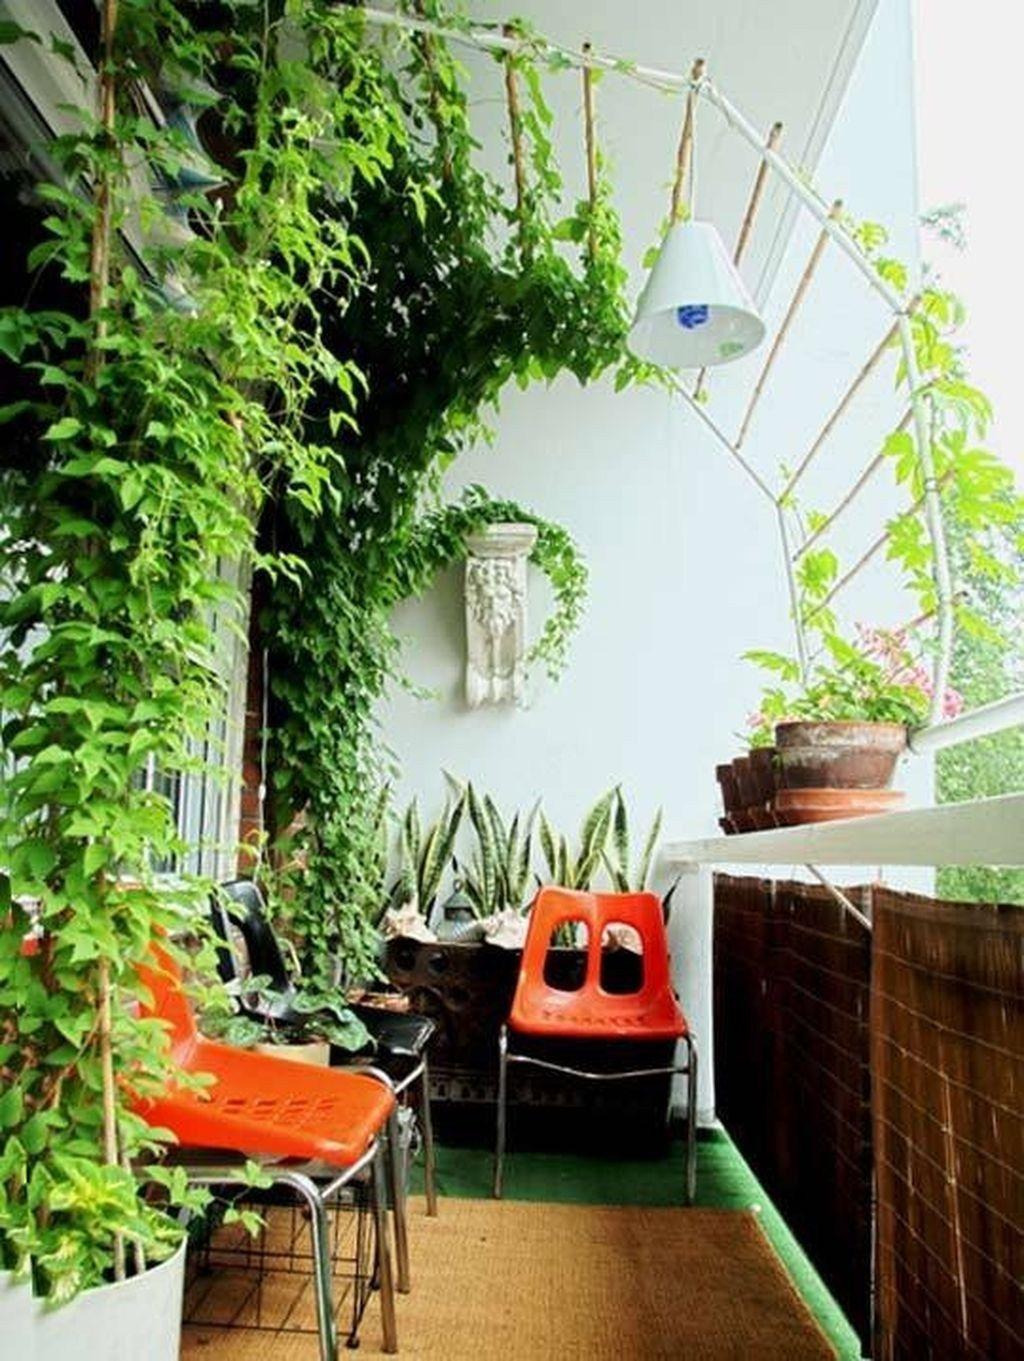 Creative Diy Small Apartment Balcony Garden Ideas 46 Small Balcony Garden Apartment Balcony Garden Apartment Garden